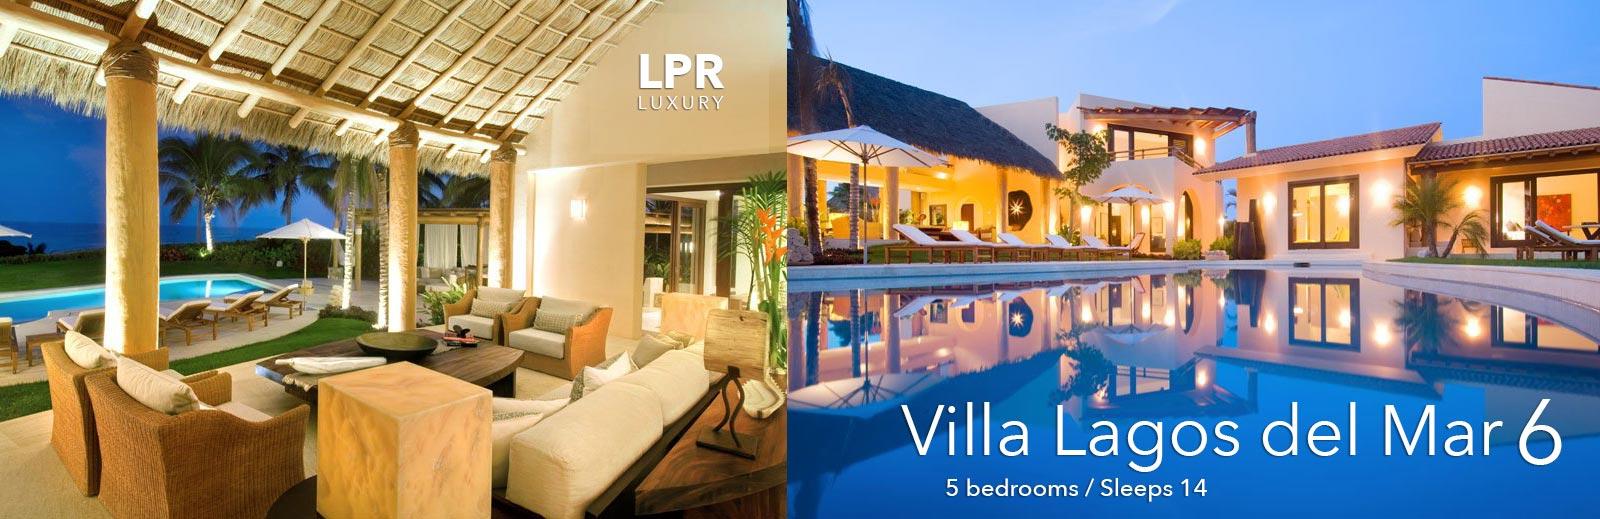 Villa Lagos del Mar 6 - Punta Mita Resort - Mexico Vacation Rentals